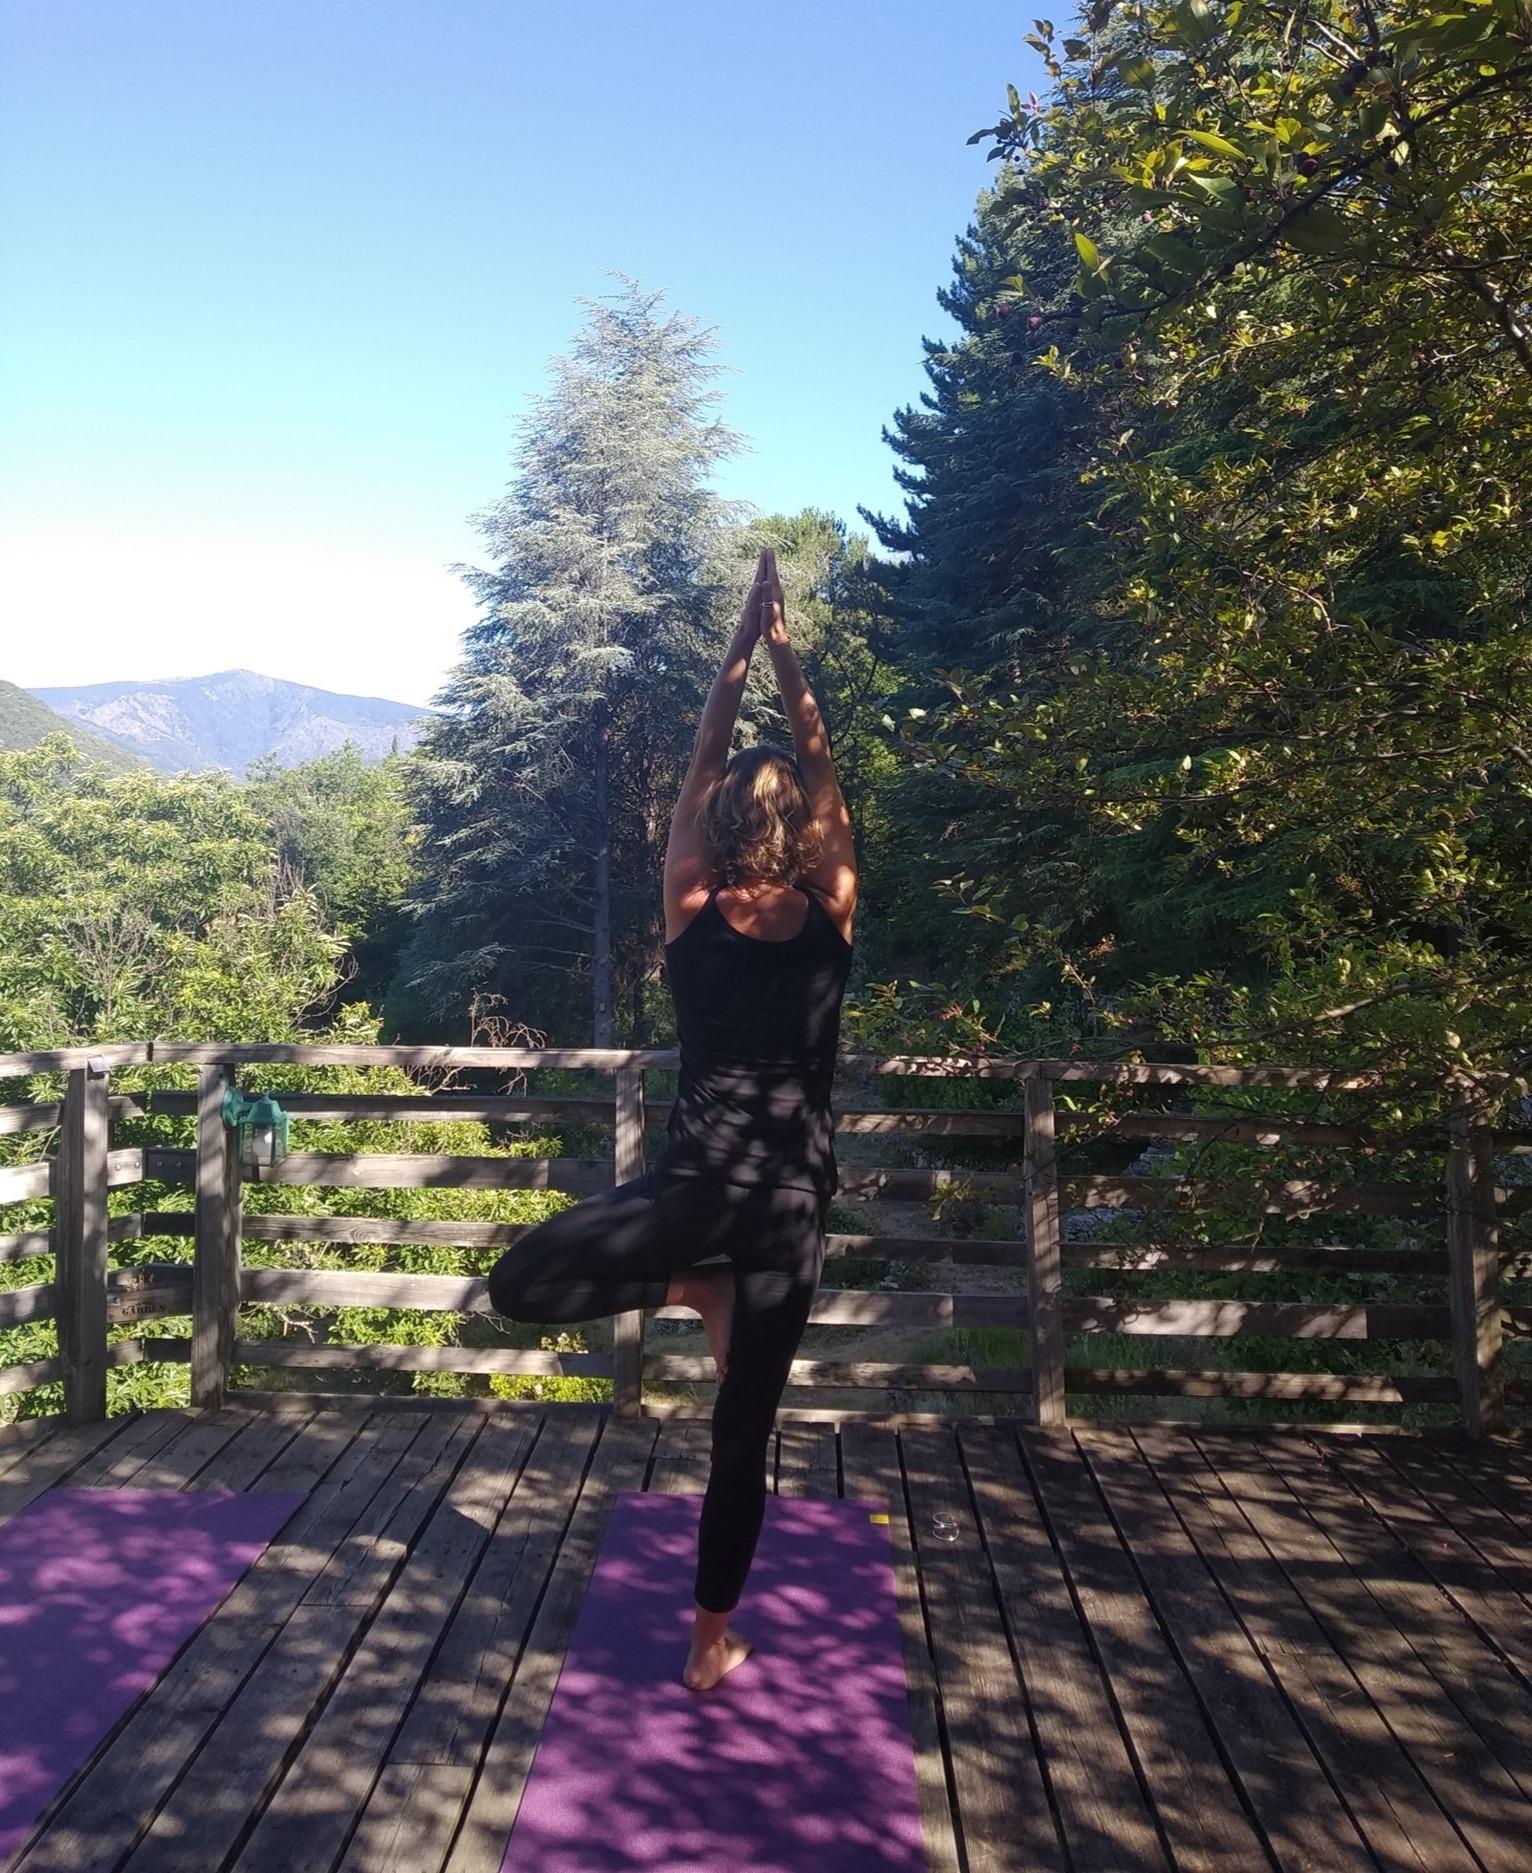 NaturoVida 30 - Yoga avec vue sur le Mont Aigoual à Valleraugue - Cévennes Gard